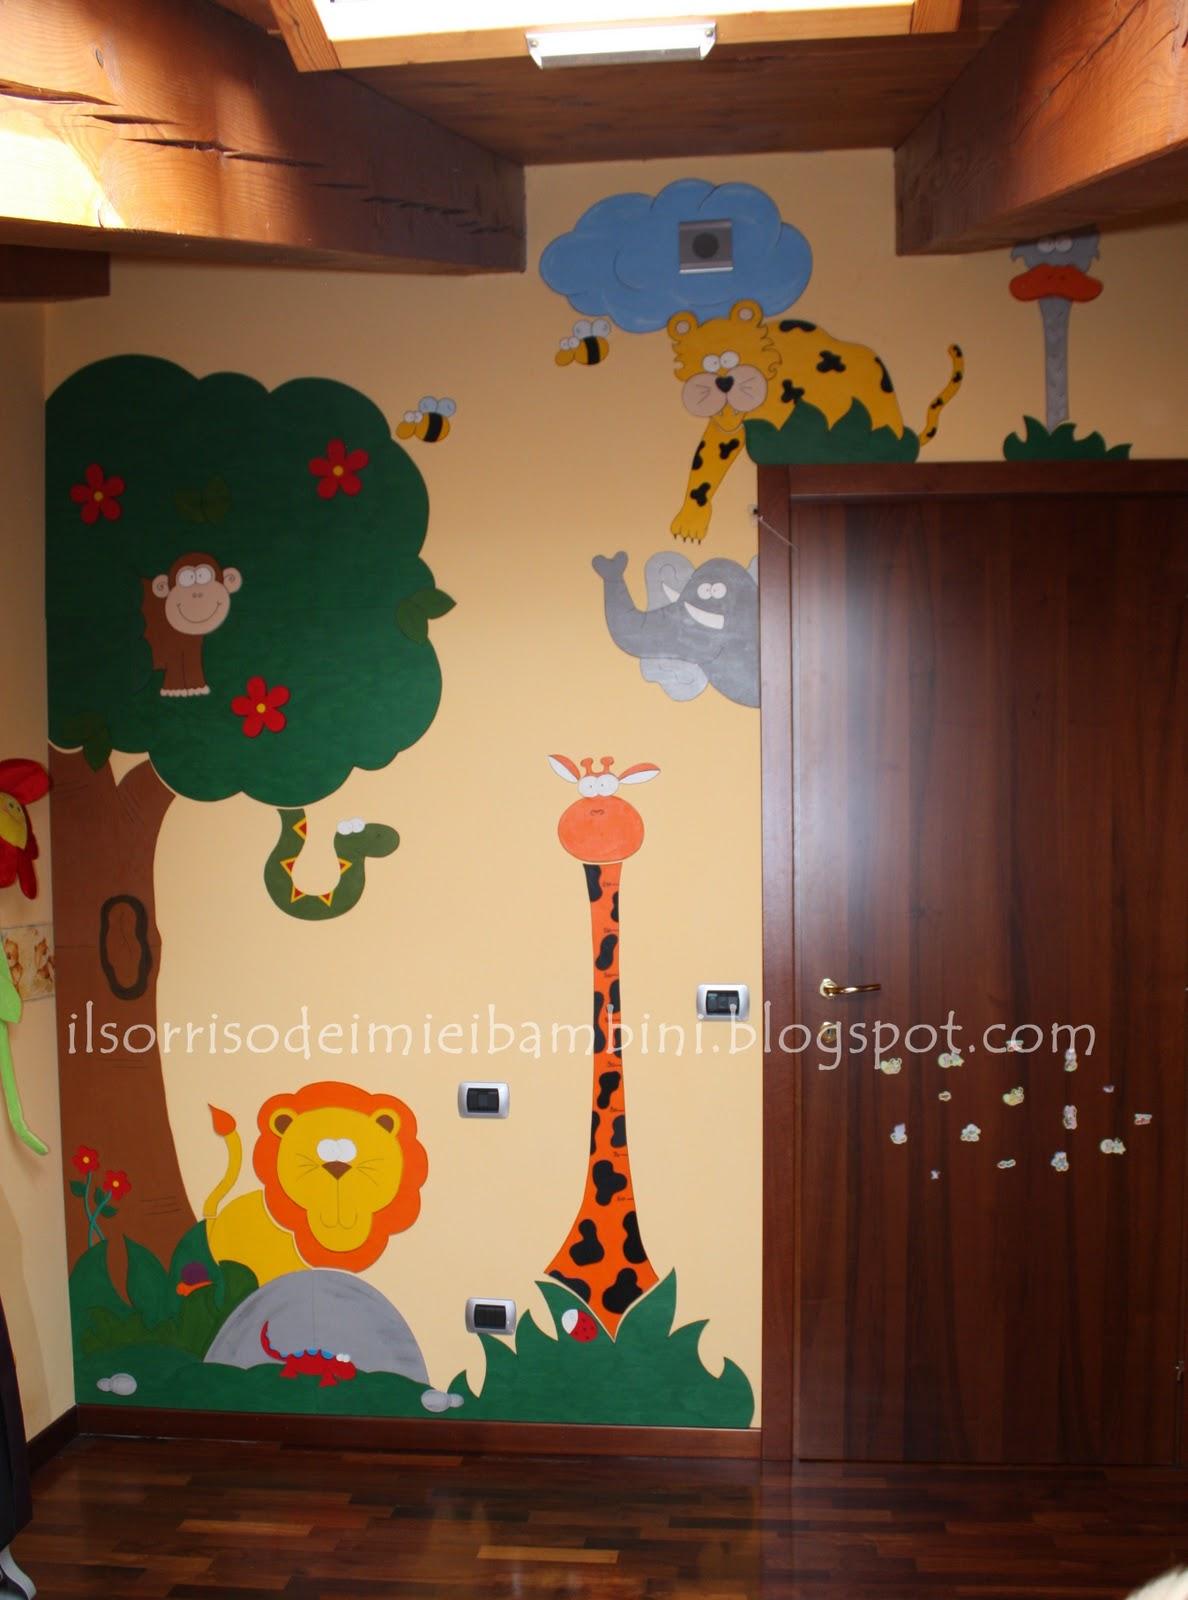 Il Sorriso dei miei Bambini: Decorare la cameretta con il legno